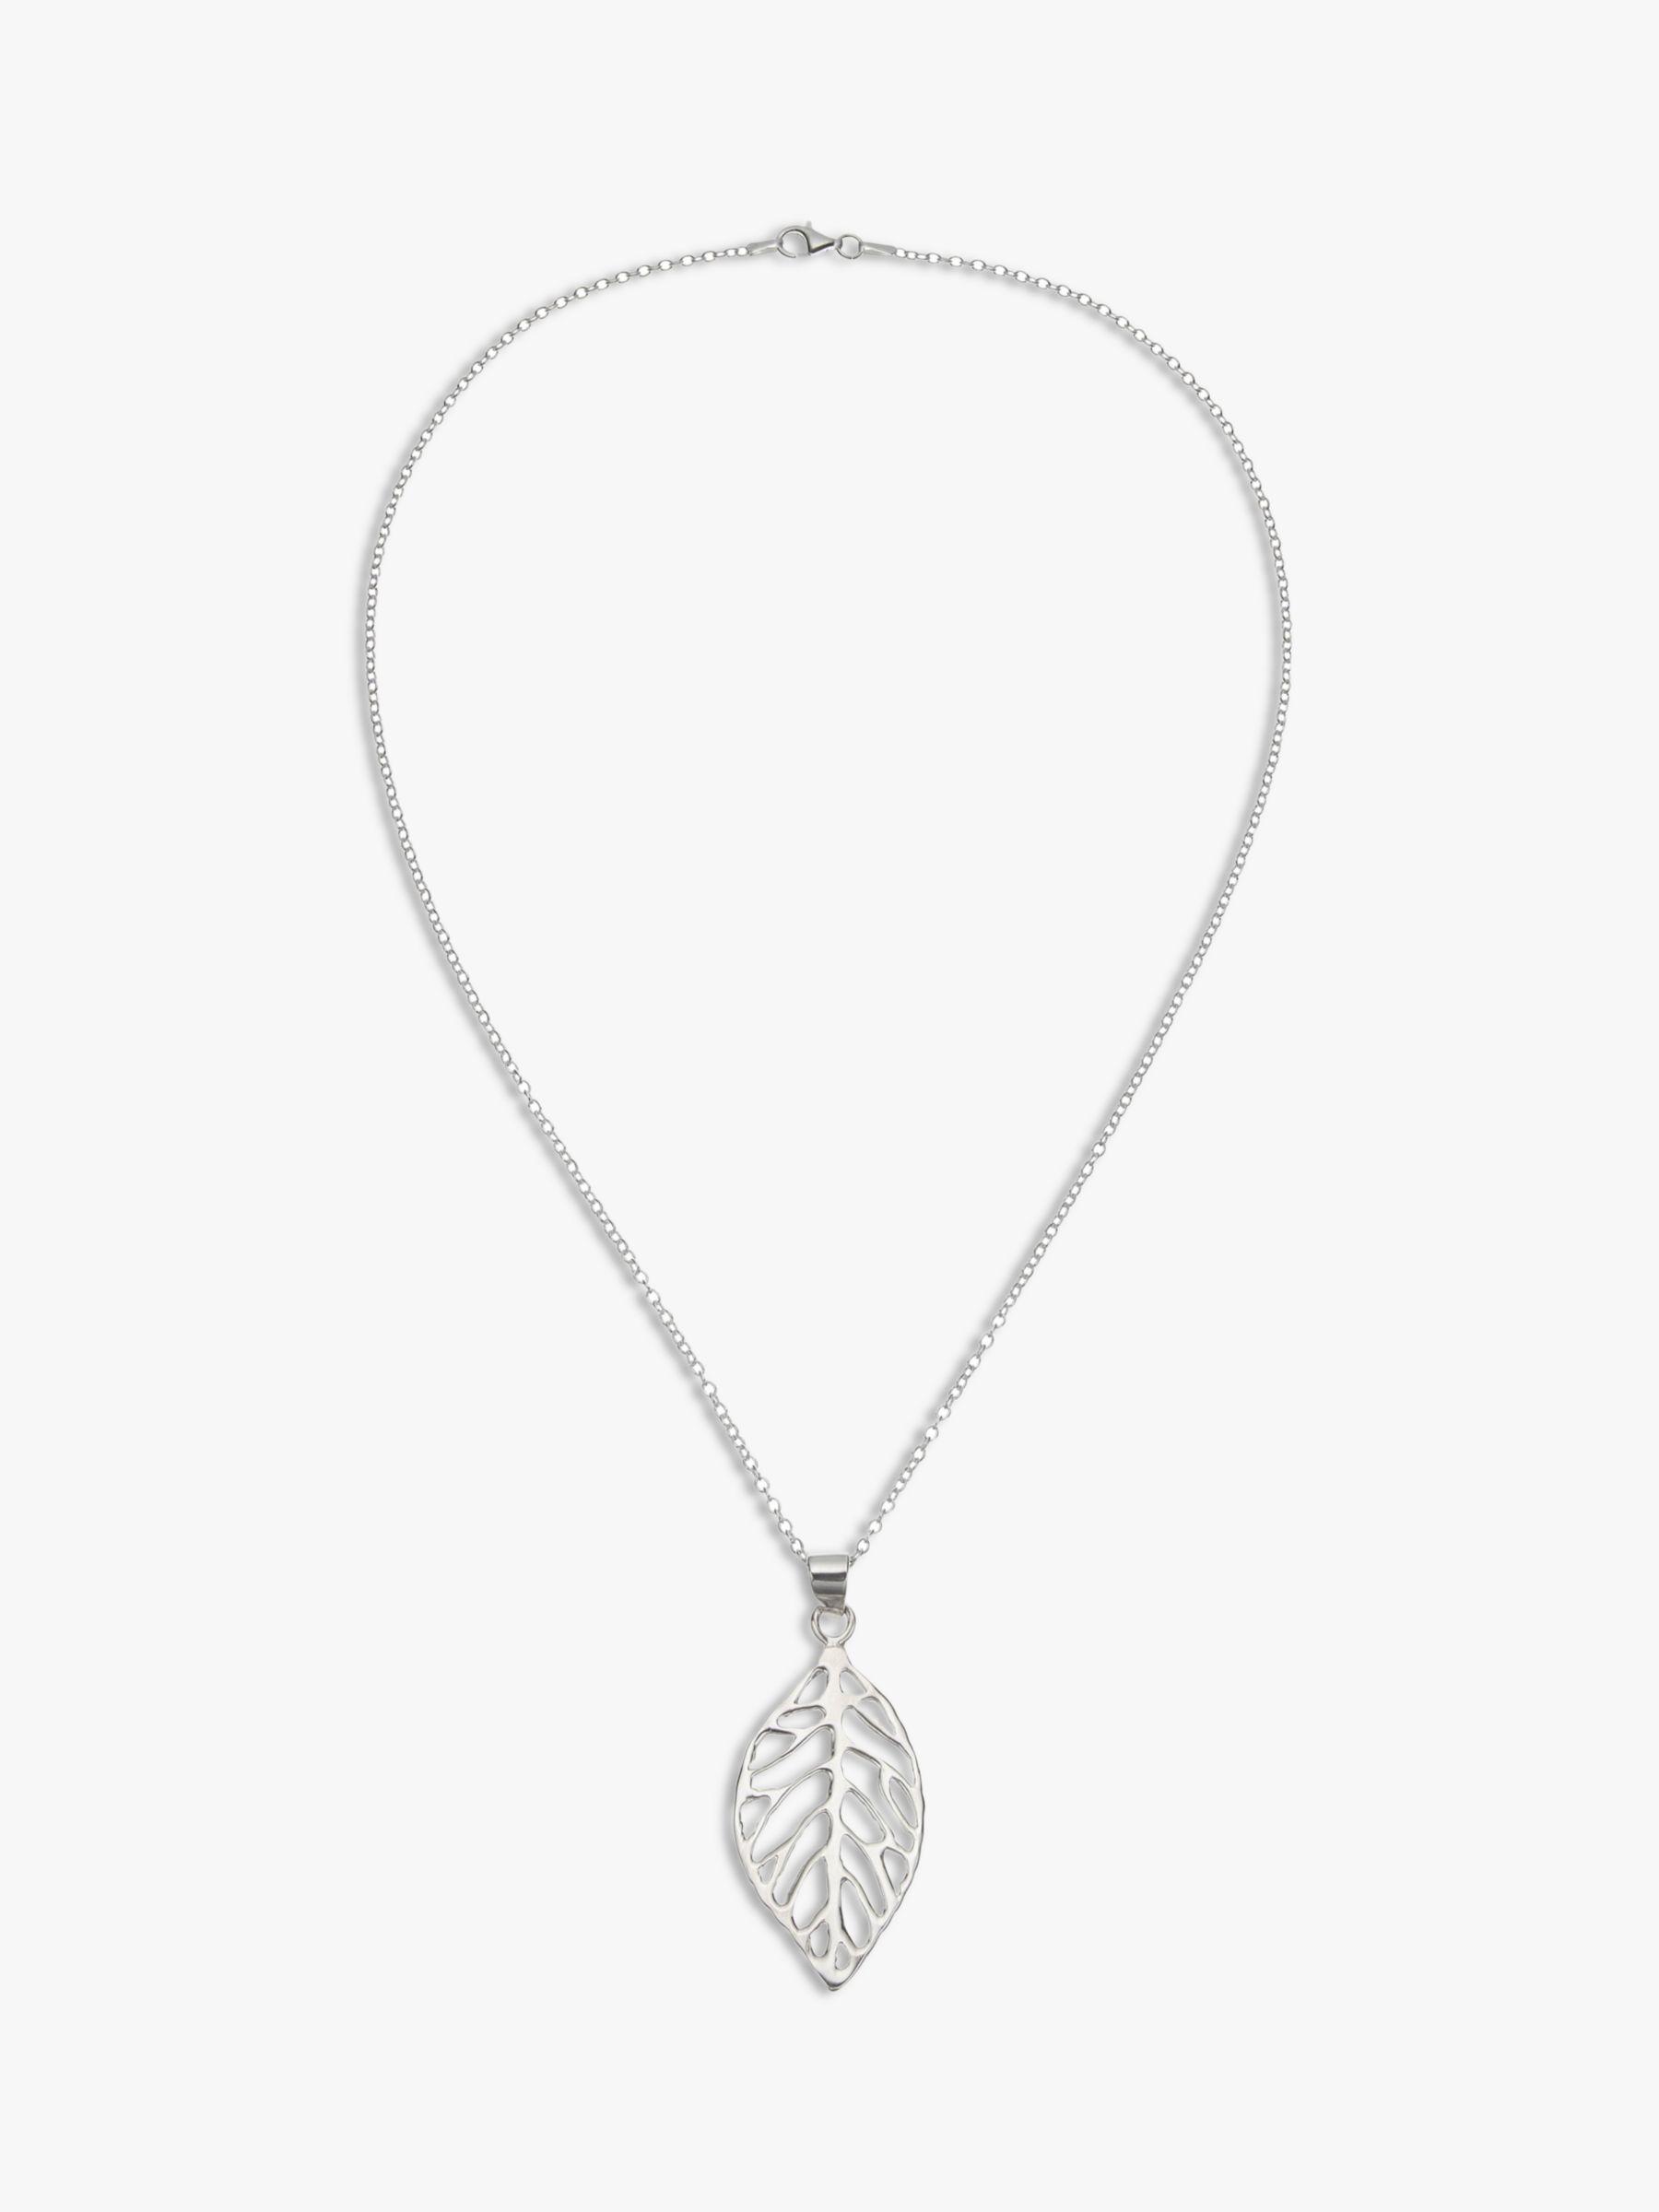 Andea Andea Sculptured Leaf Pendant Necklace, Silver